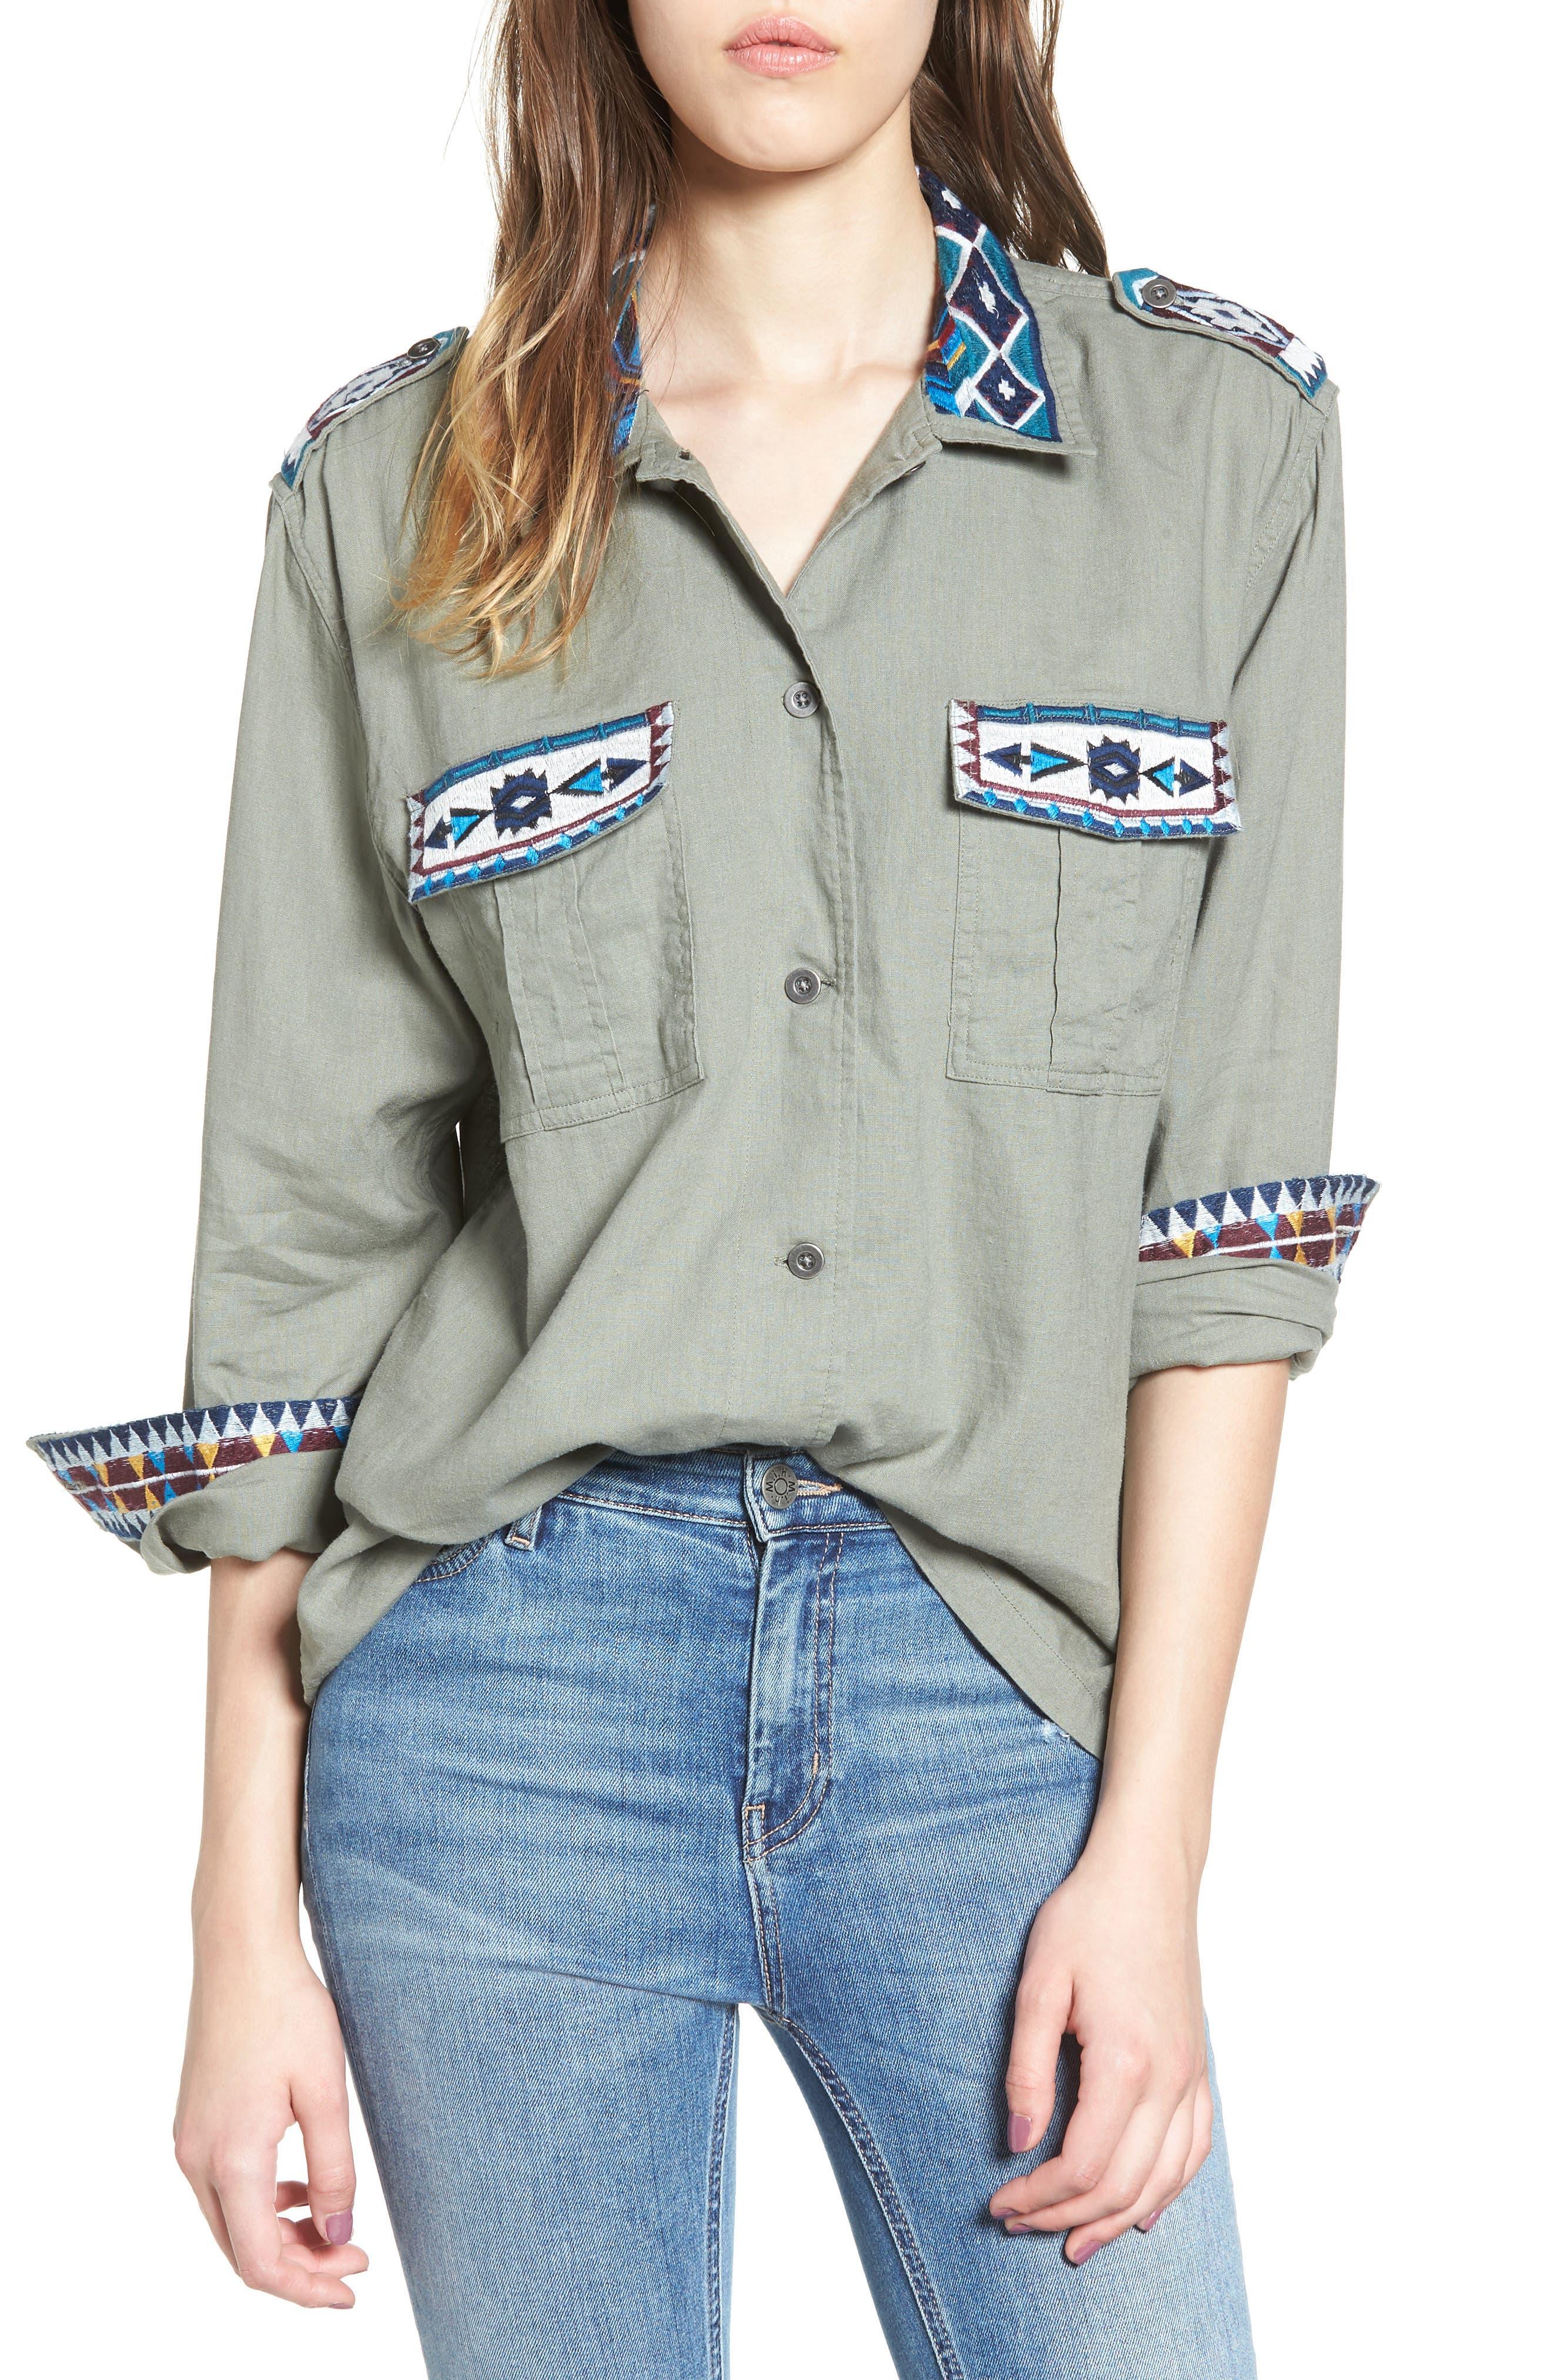 Kona Embroidered Shirt,                         Main,                         color, 320